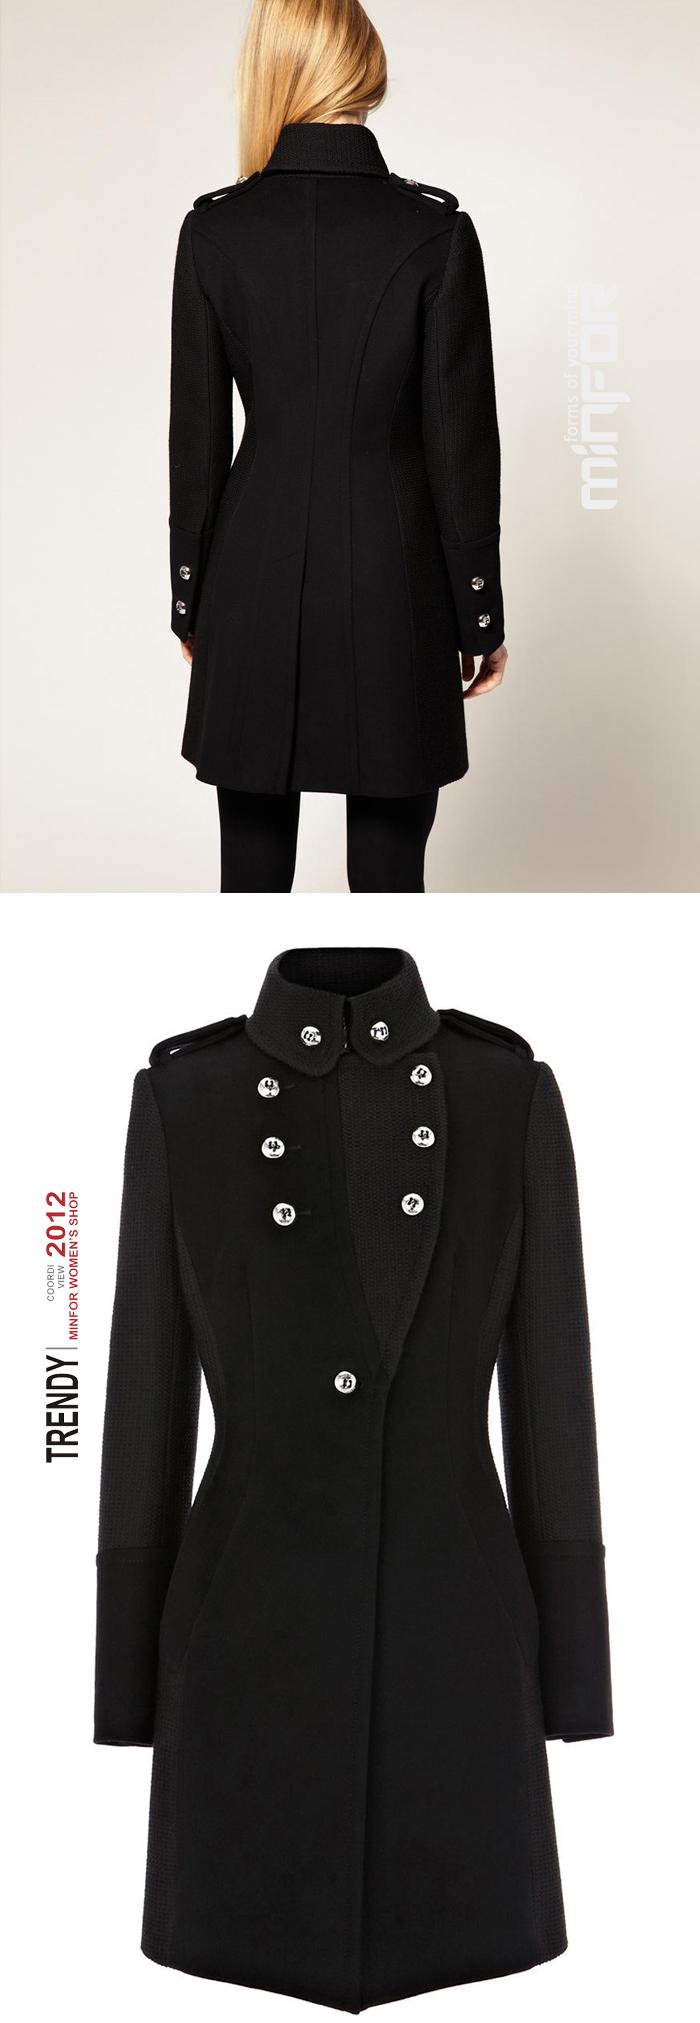 Пальто женское осень длинное пальто